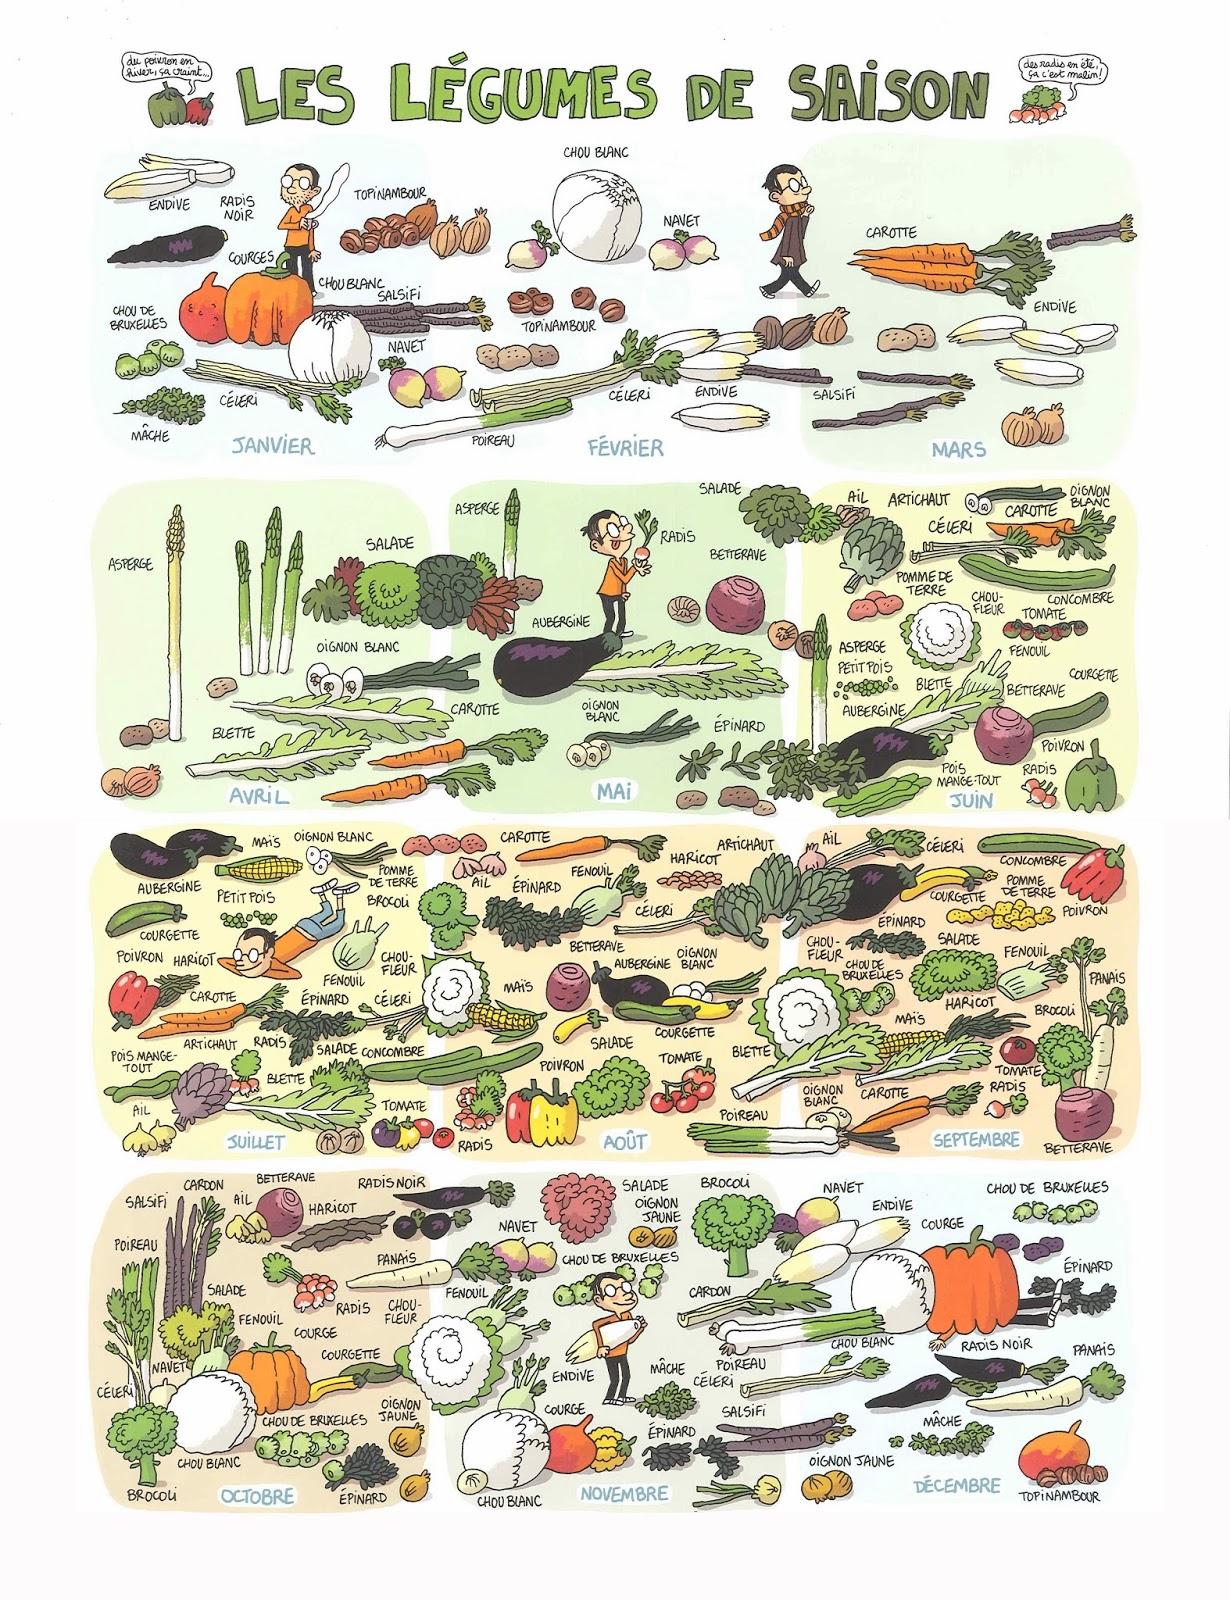 Le diabl gueur les l gumes de saison - Legumes de saison decembre ...